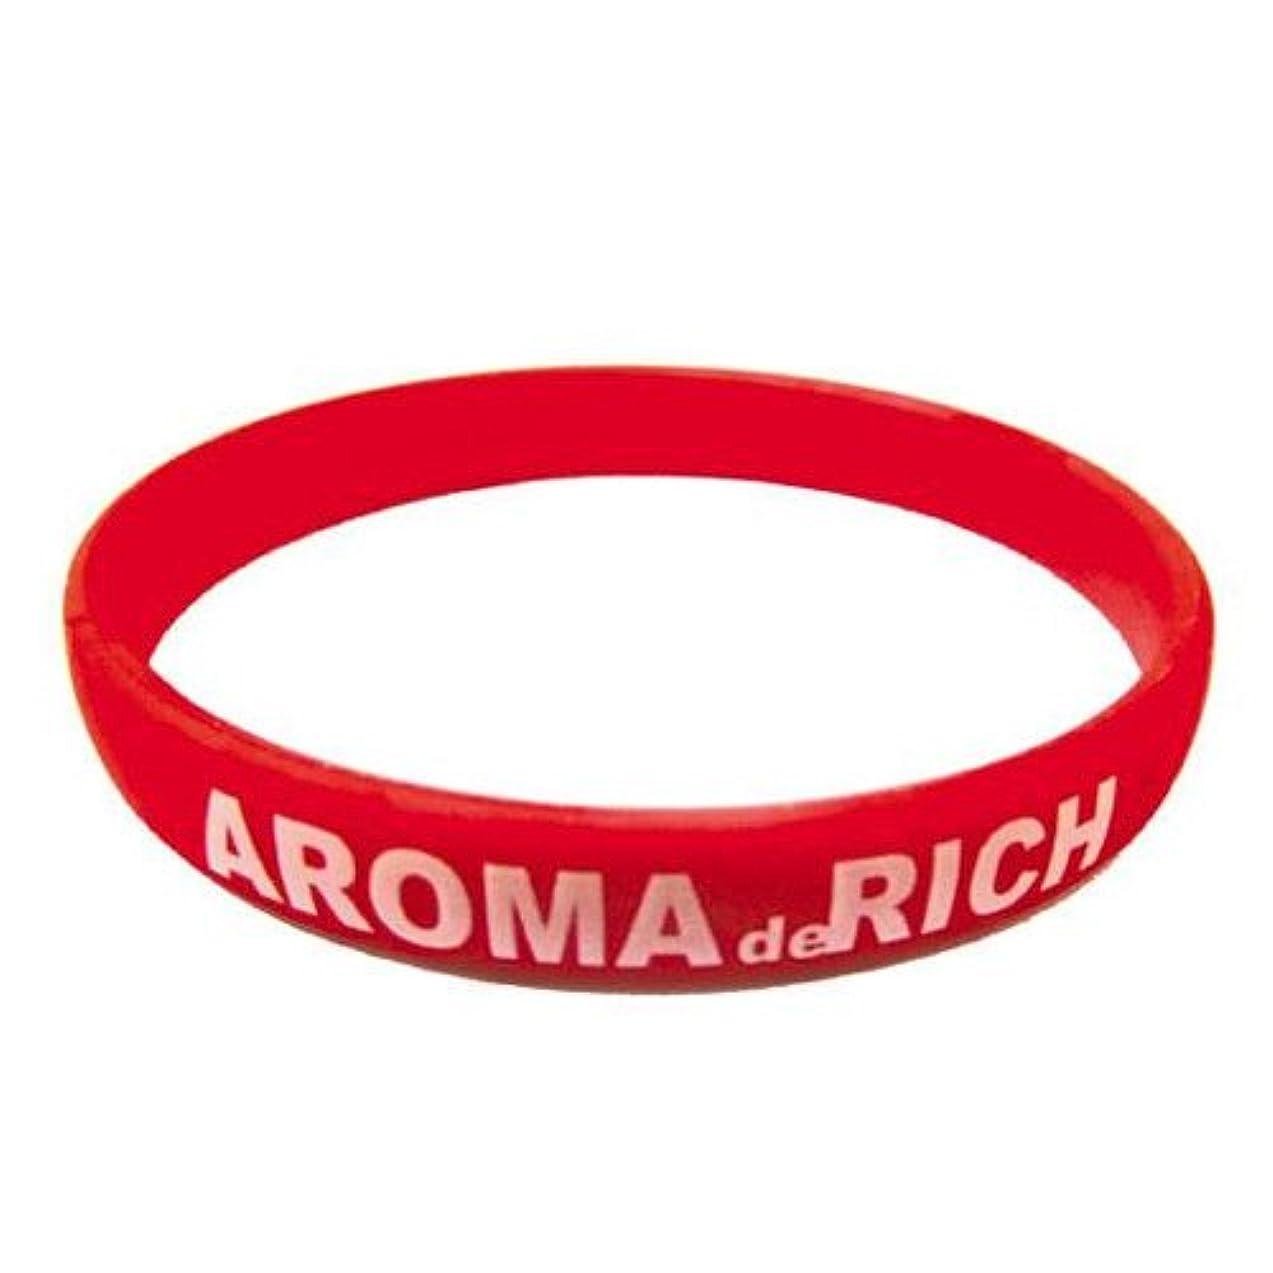 白鳥正しい二AROMA DE RICH?BRACE アロマブレスB 2個セット フラワーフレグランス